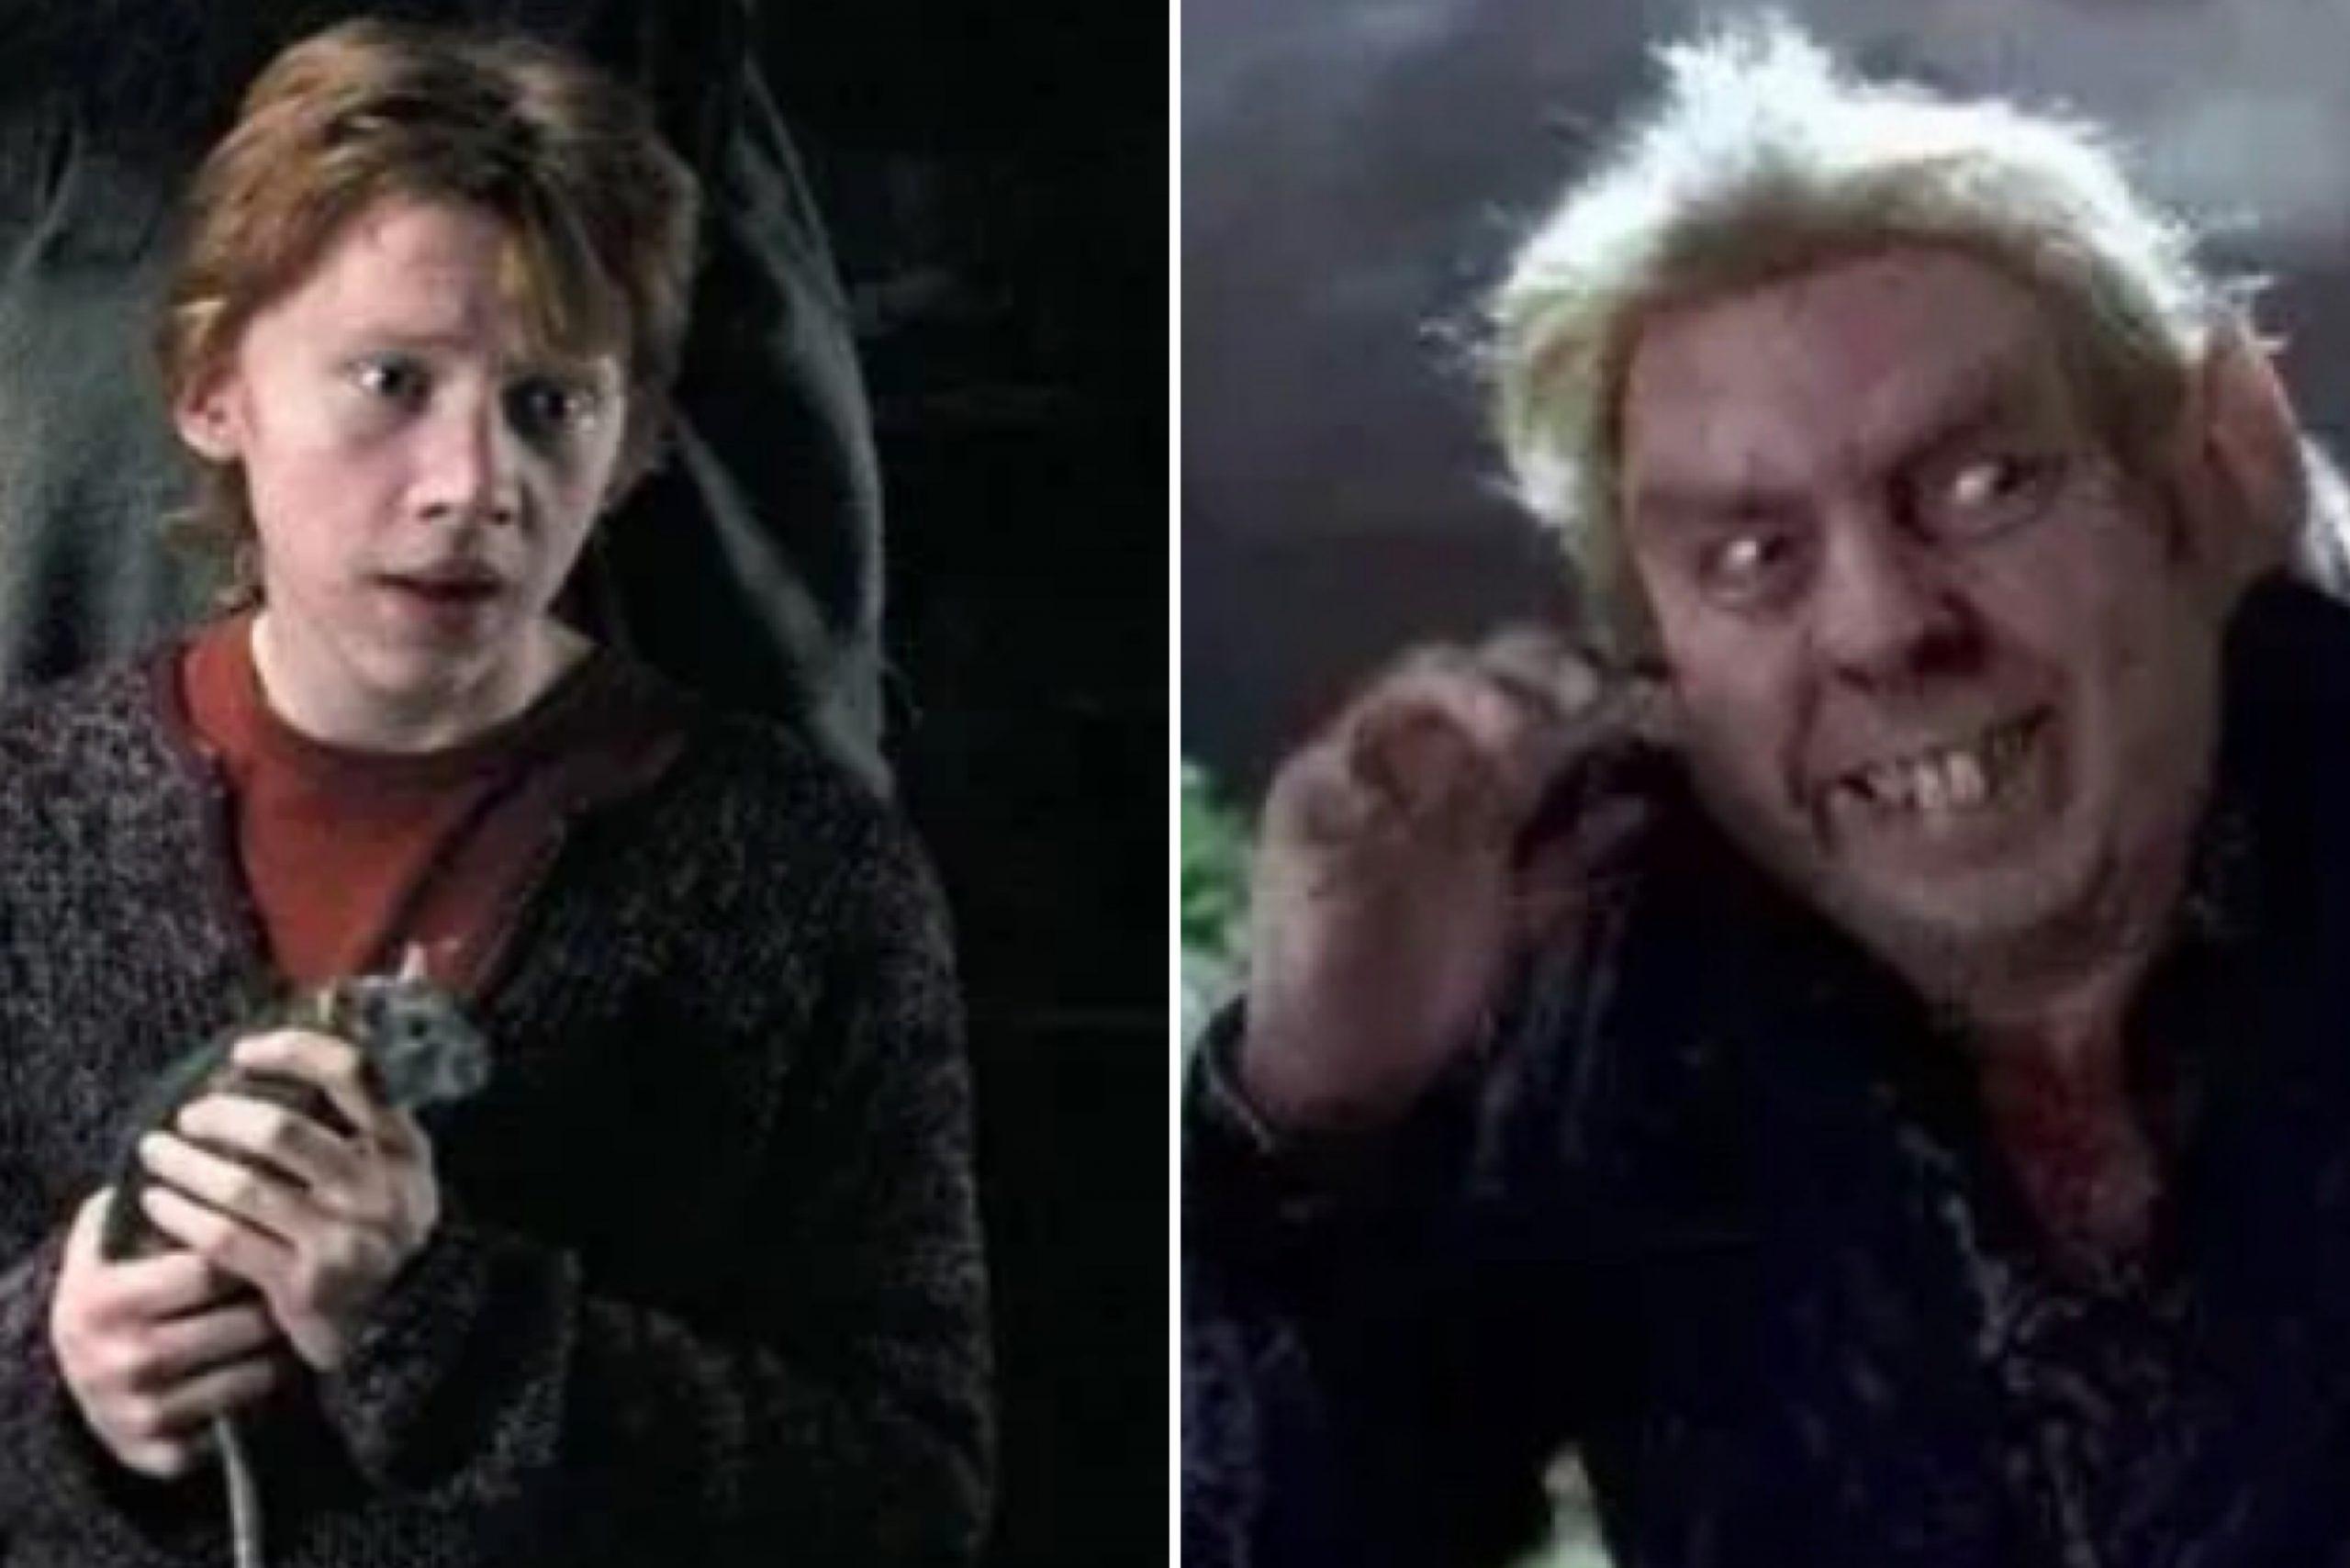 《哈利波特》英國演員中只有一位例外!還有想演但無法出演的眾多英國演員!- 我們用電影寫日記